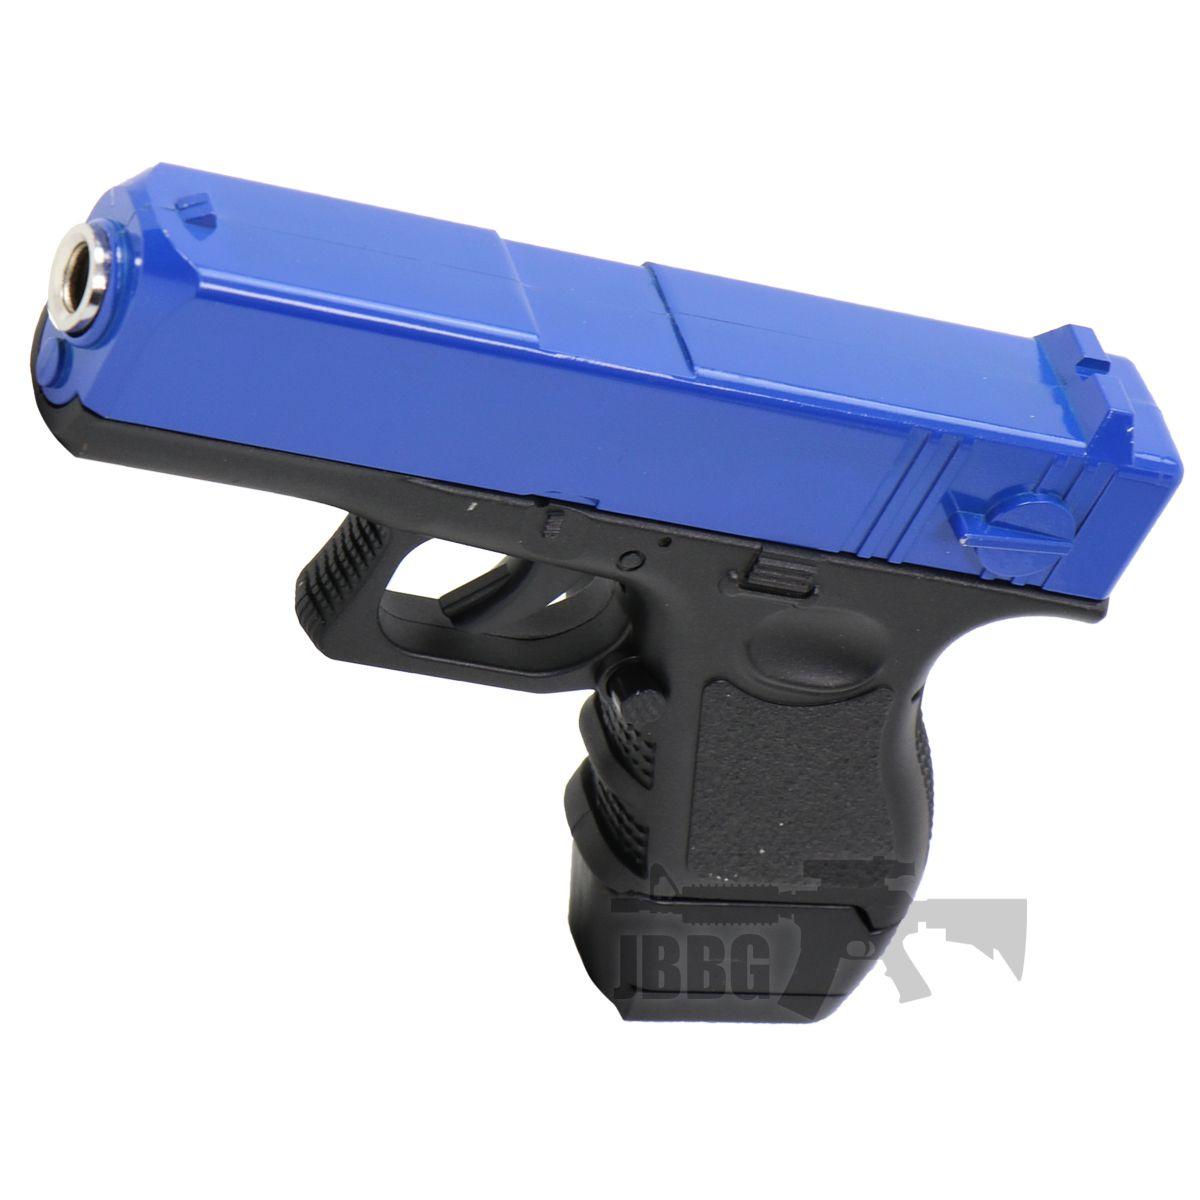 pistol kjjqq1